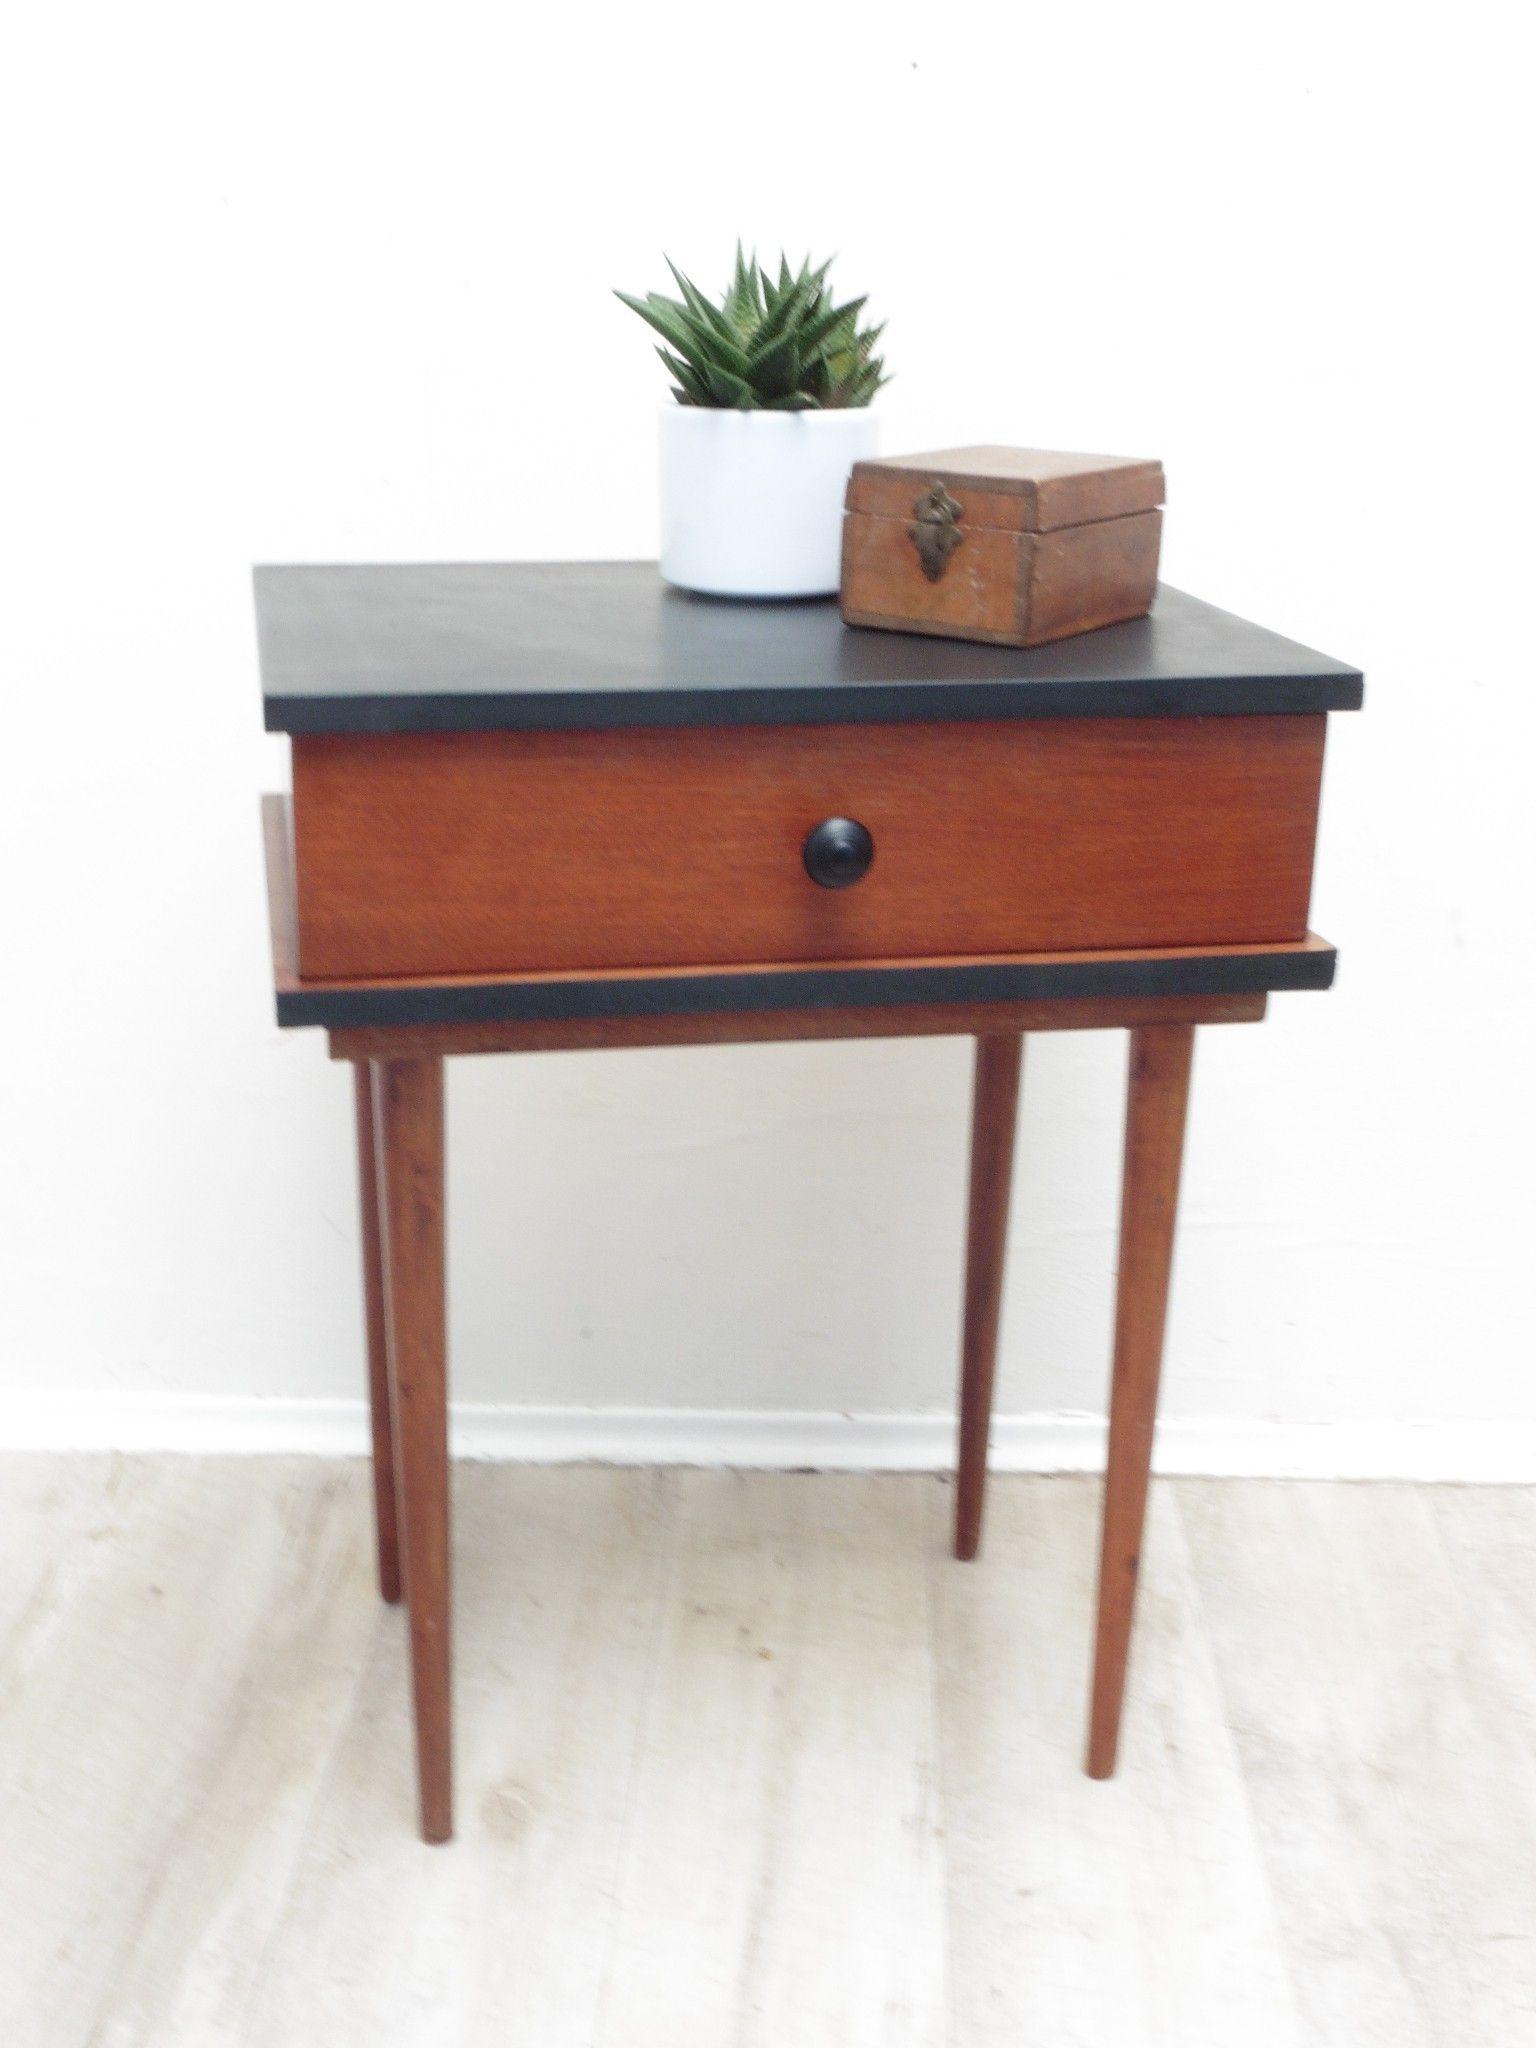 Chevet Pieds Fuseaux D Occasion Vintage Design Scandinave Industriel Ancien Vendu Sur Table De Chevet Vintage Table De Chevet Design Relooking De Mobilier